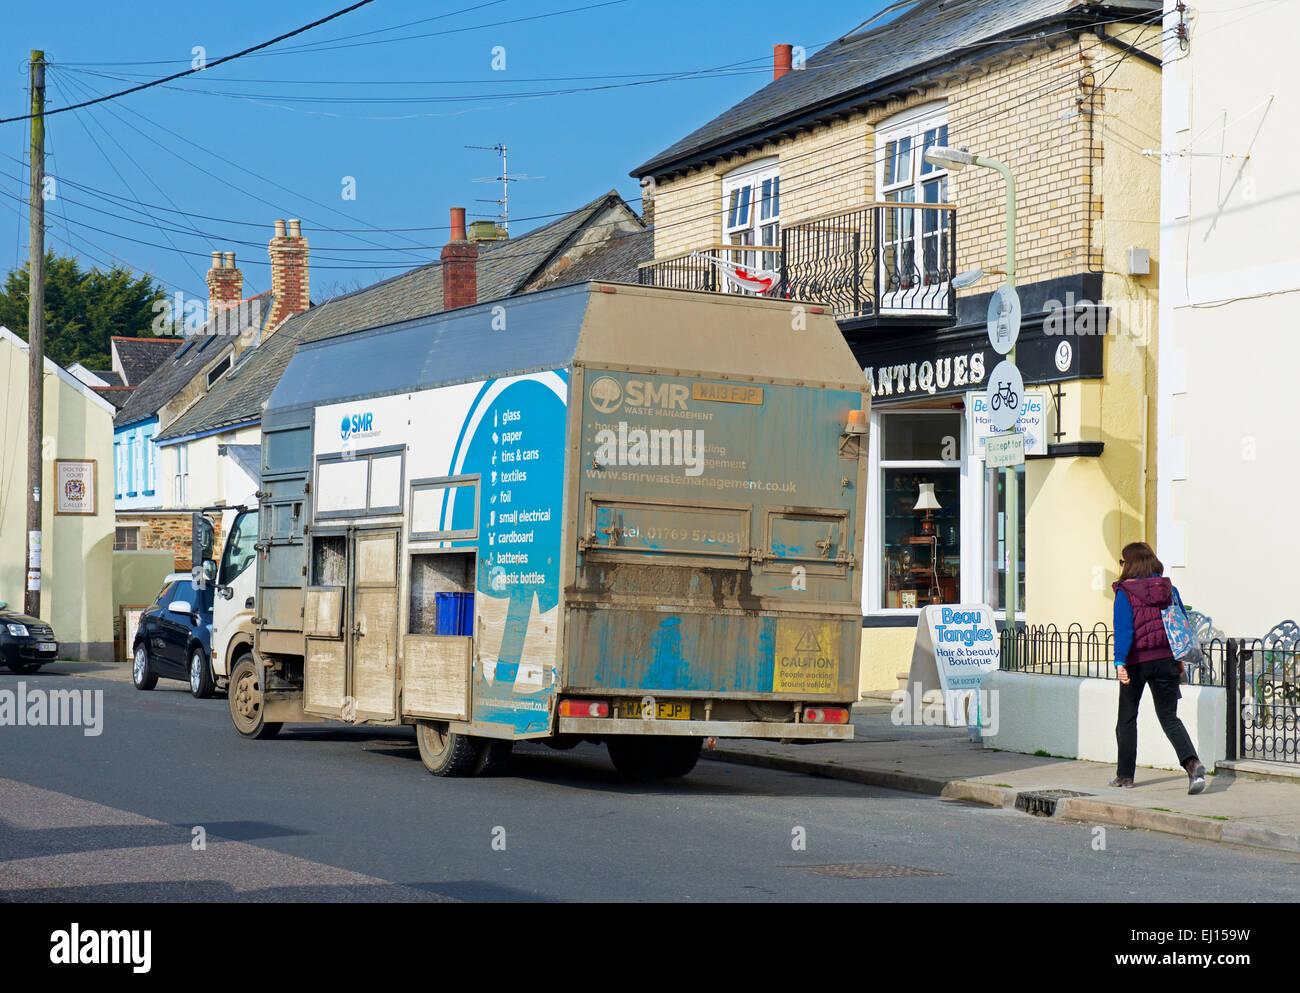 Reciclaje van en Appledore, Devon. Inglaterra Imagen De Stock